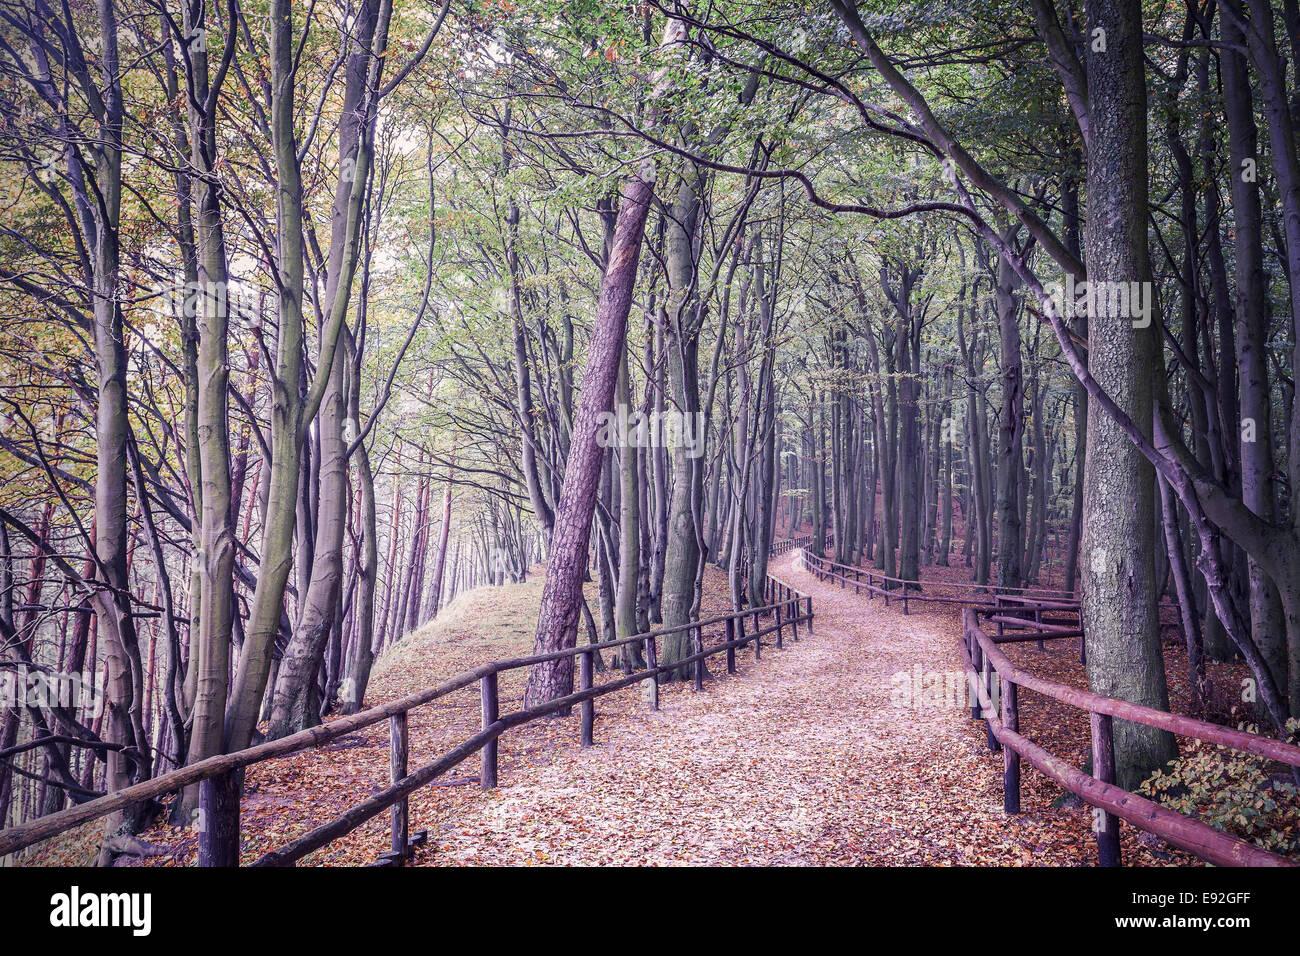 Retro-gefilterte Bild eines Waldes. Stockbild